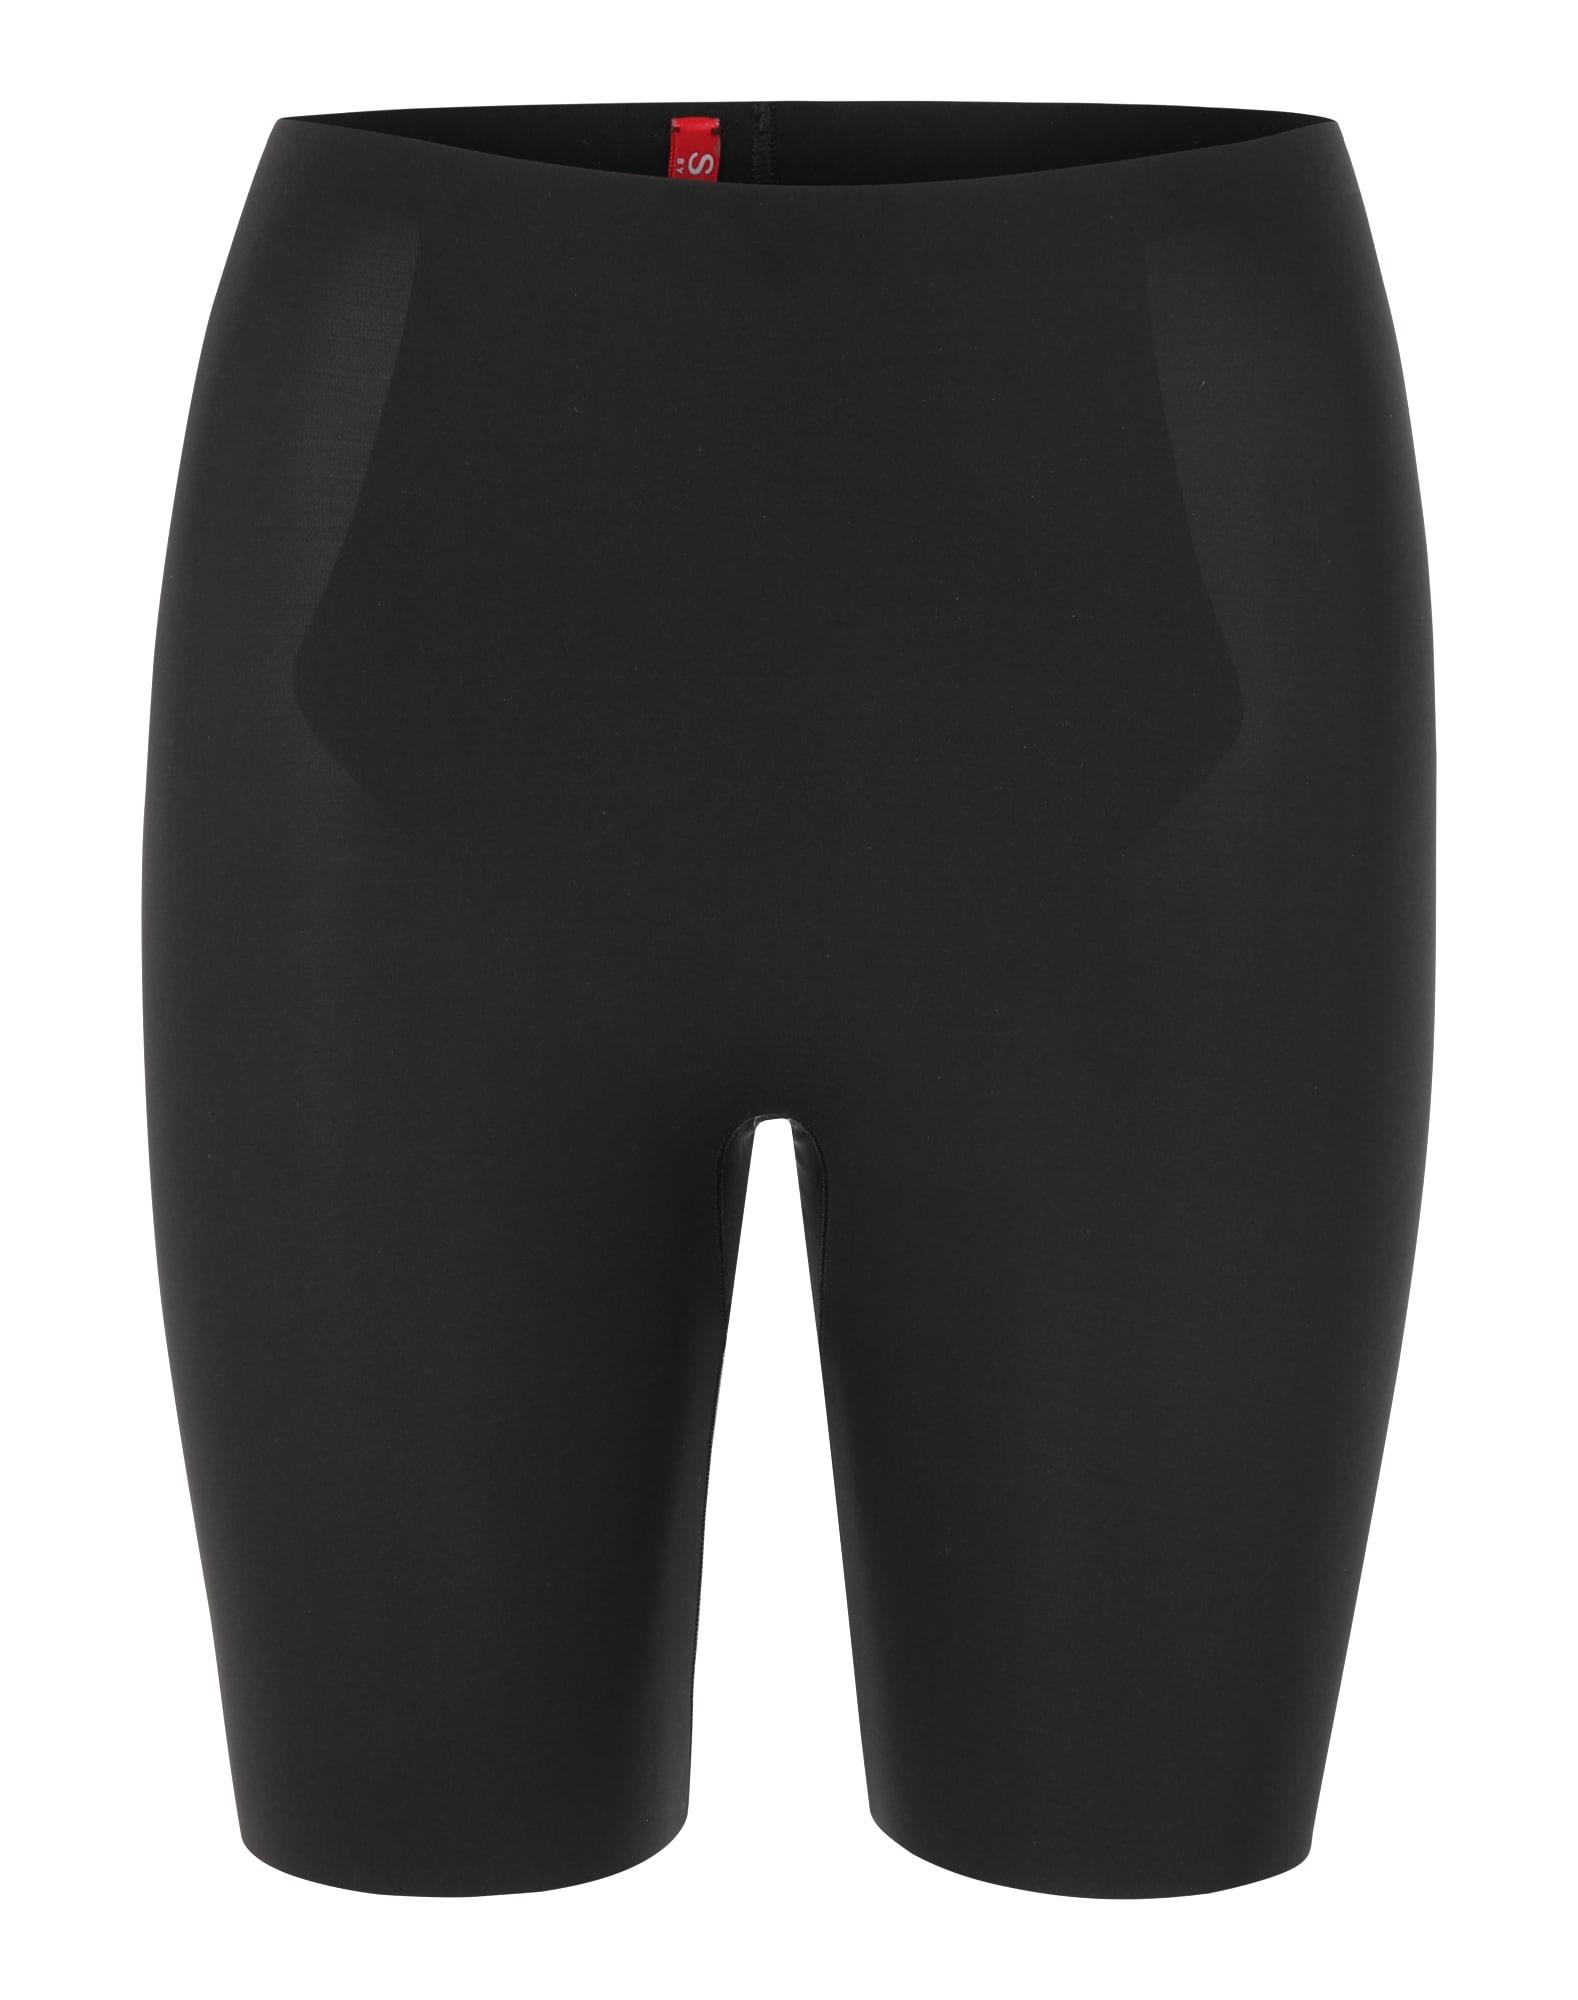 Stahovací kalhotky Thinstincts černá SPANX